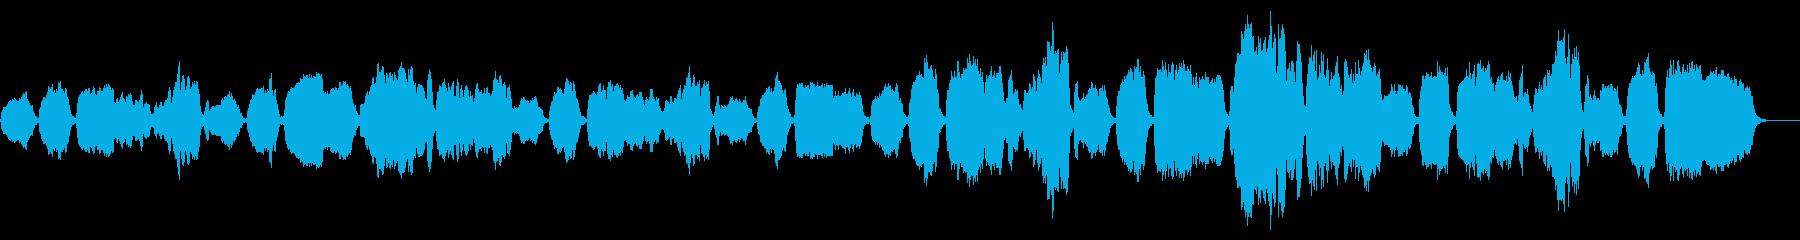 おどろおどろしいリコーダー曲の再生済みの波形